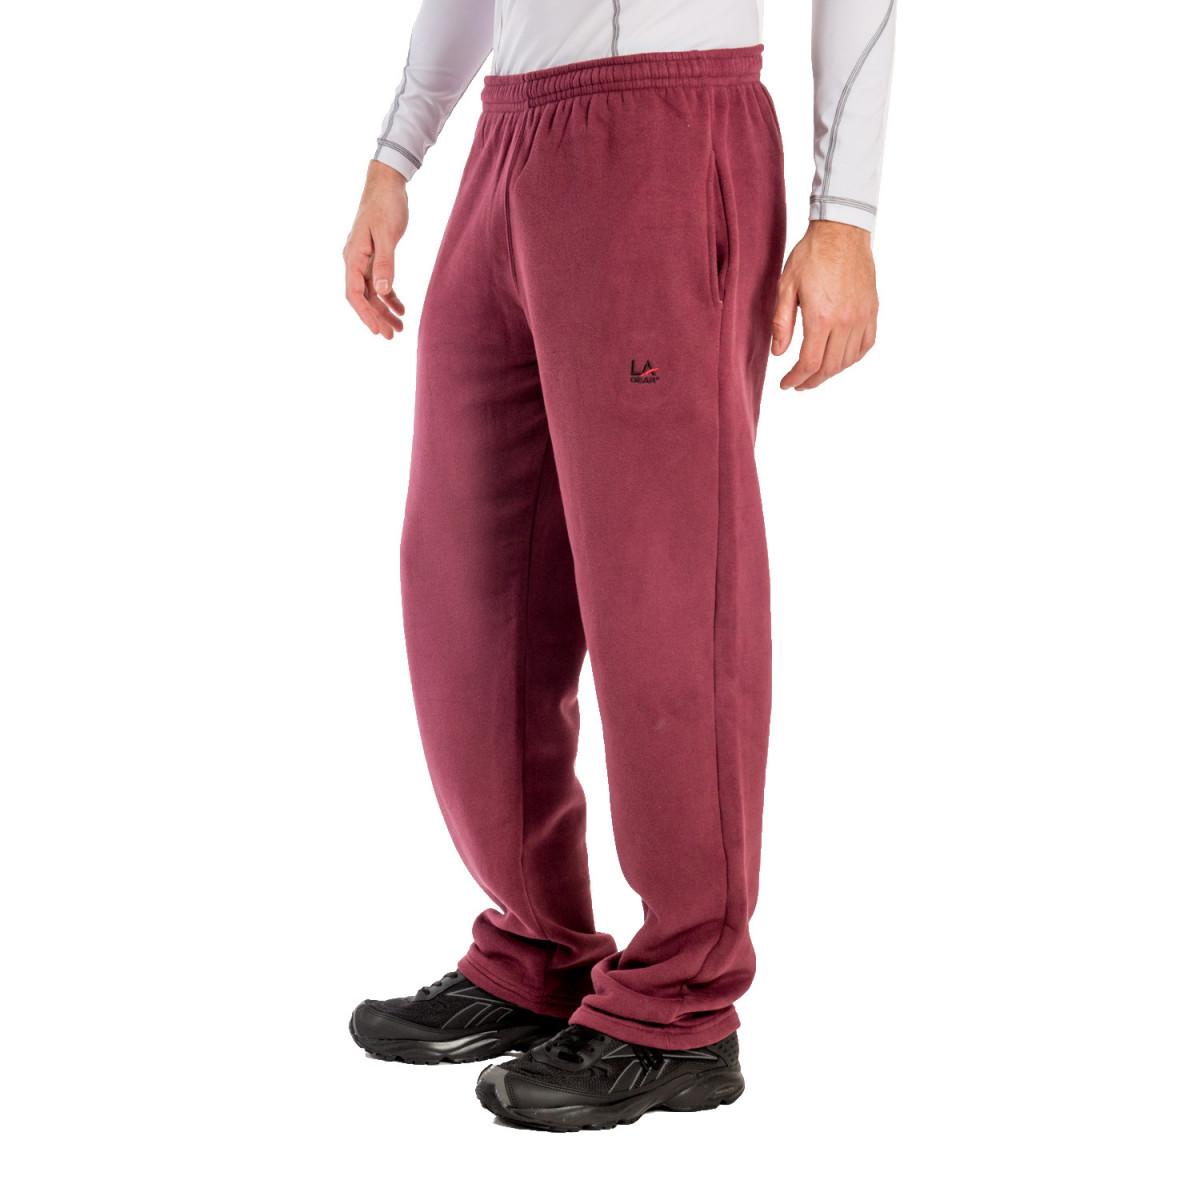 Pantalón La Gear Hombre